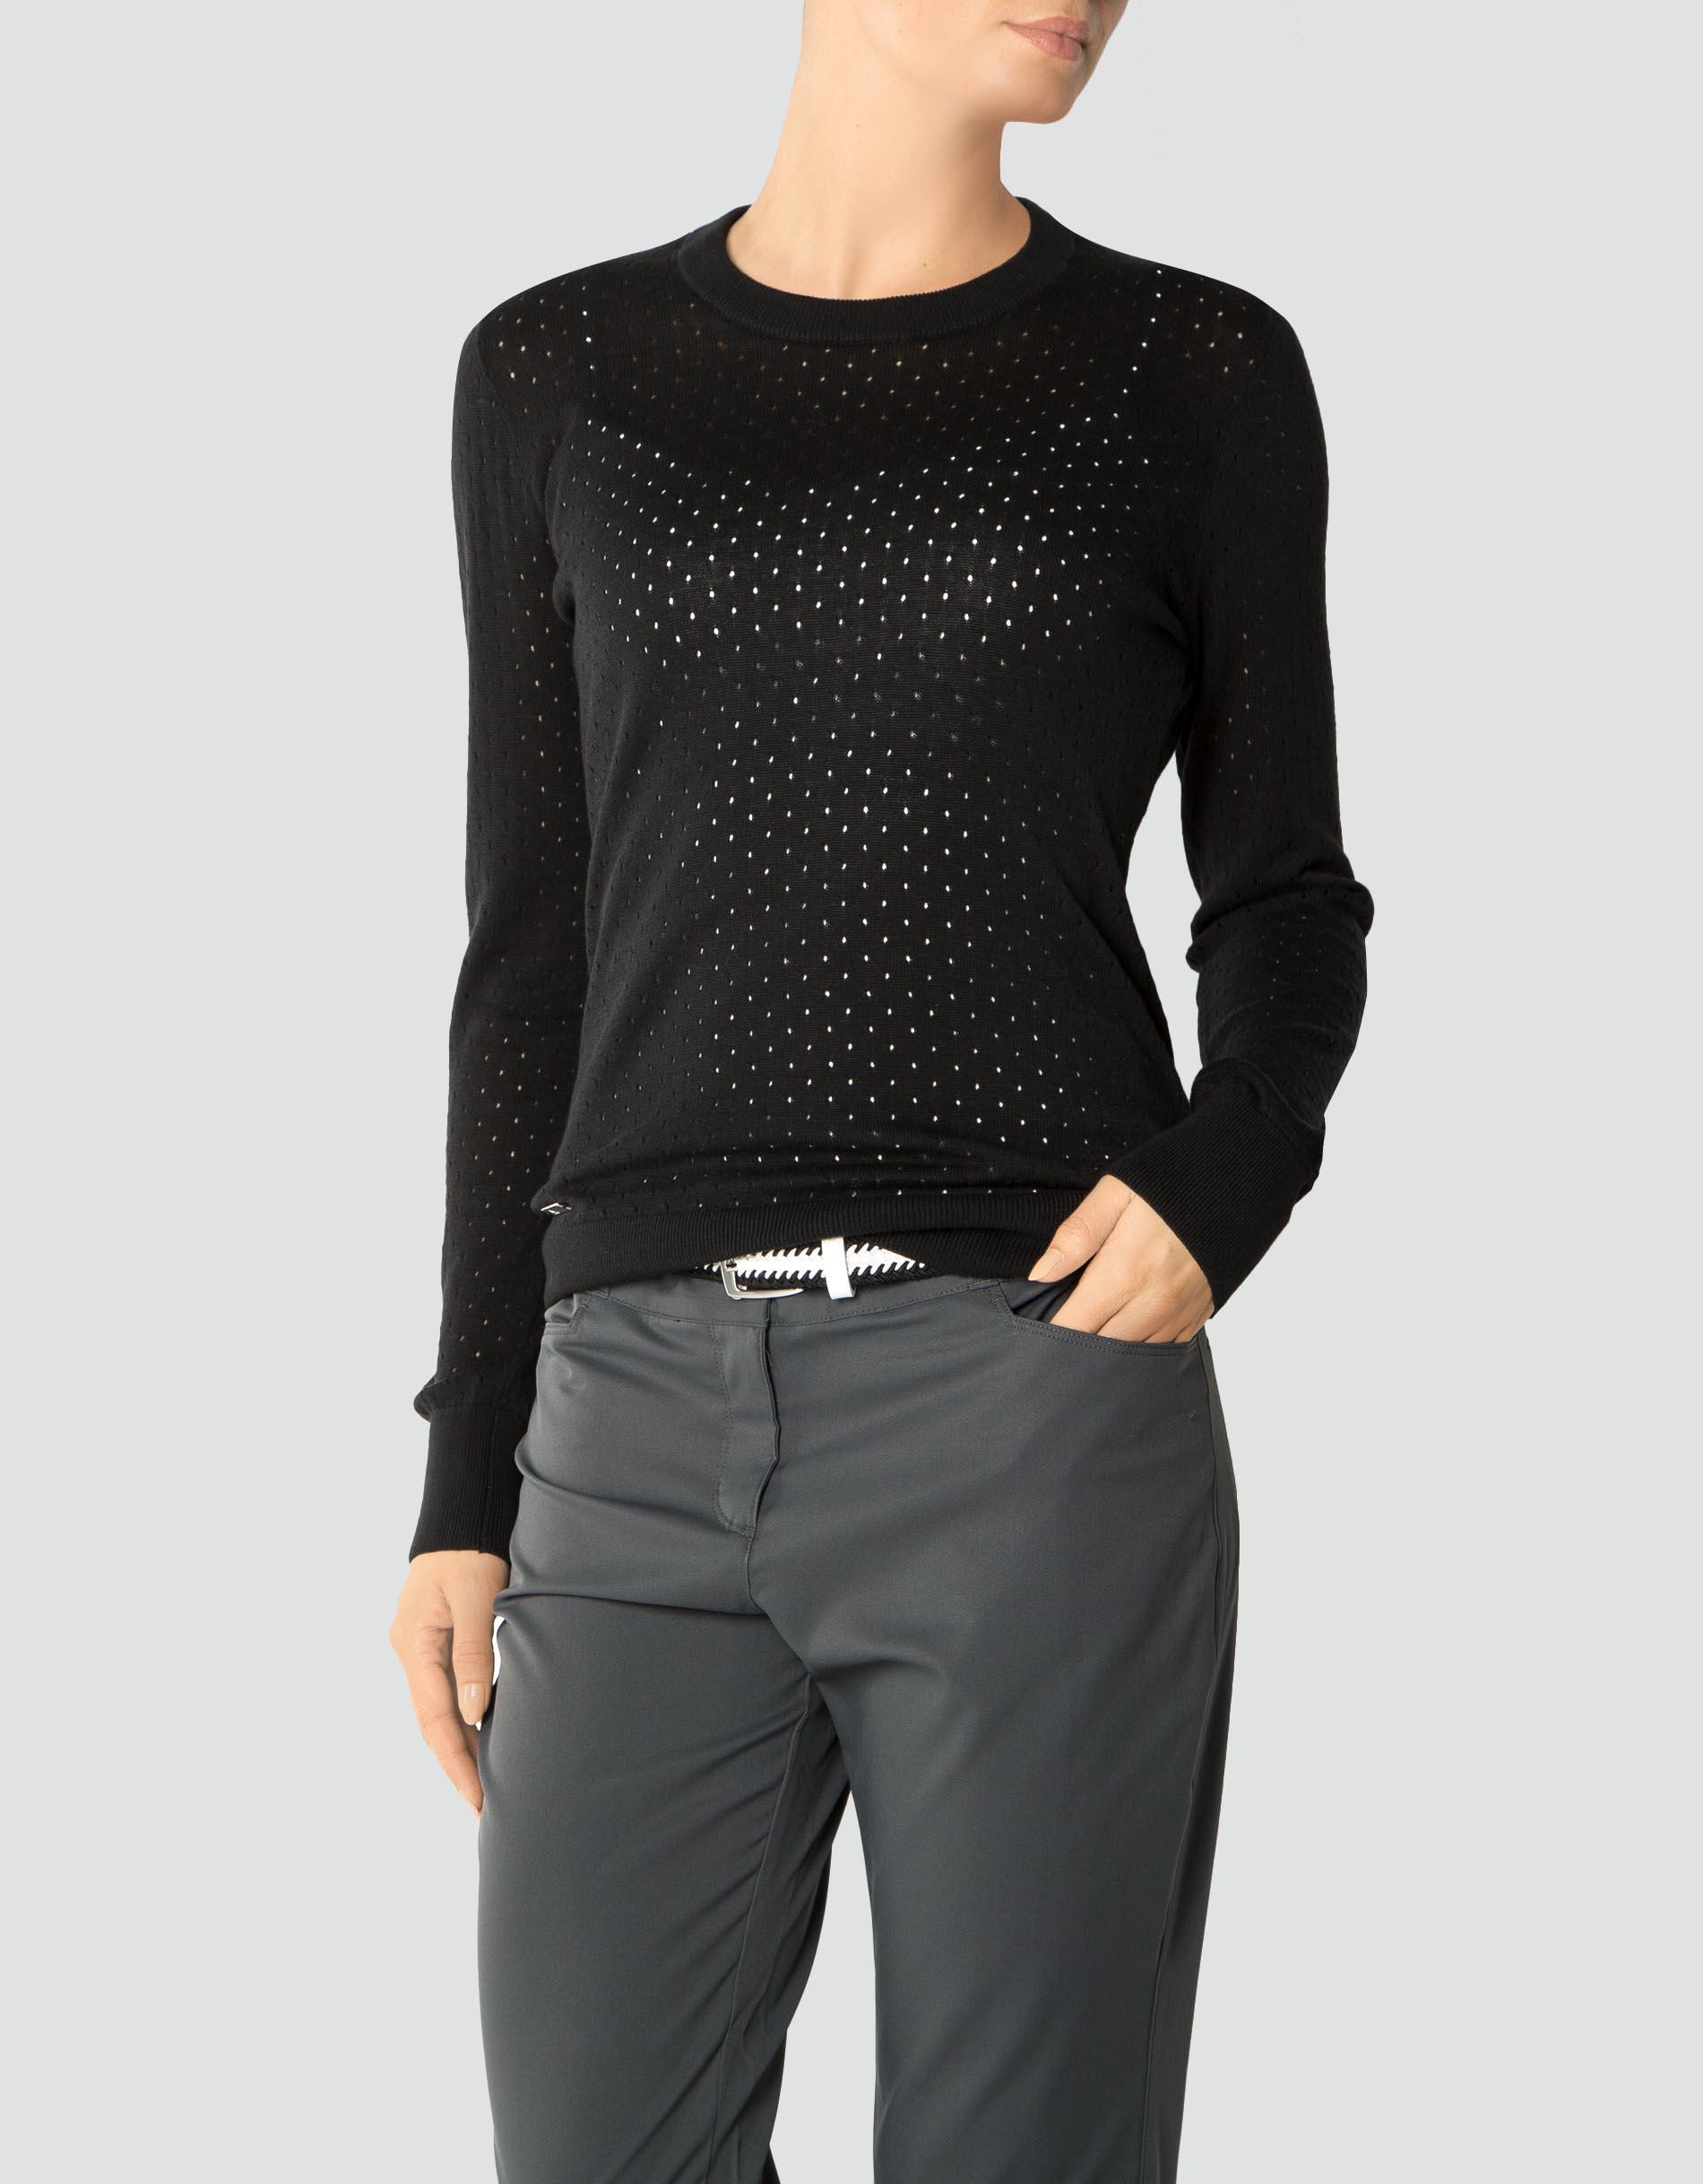 adidas golf damen pullover black mit allover lochmuster empfohlen von deinen schwestern. Black Bedroom Furniture Sets. Home Design Ideas